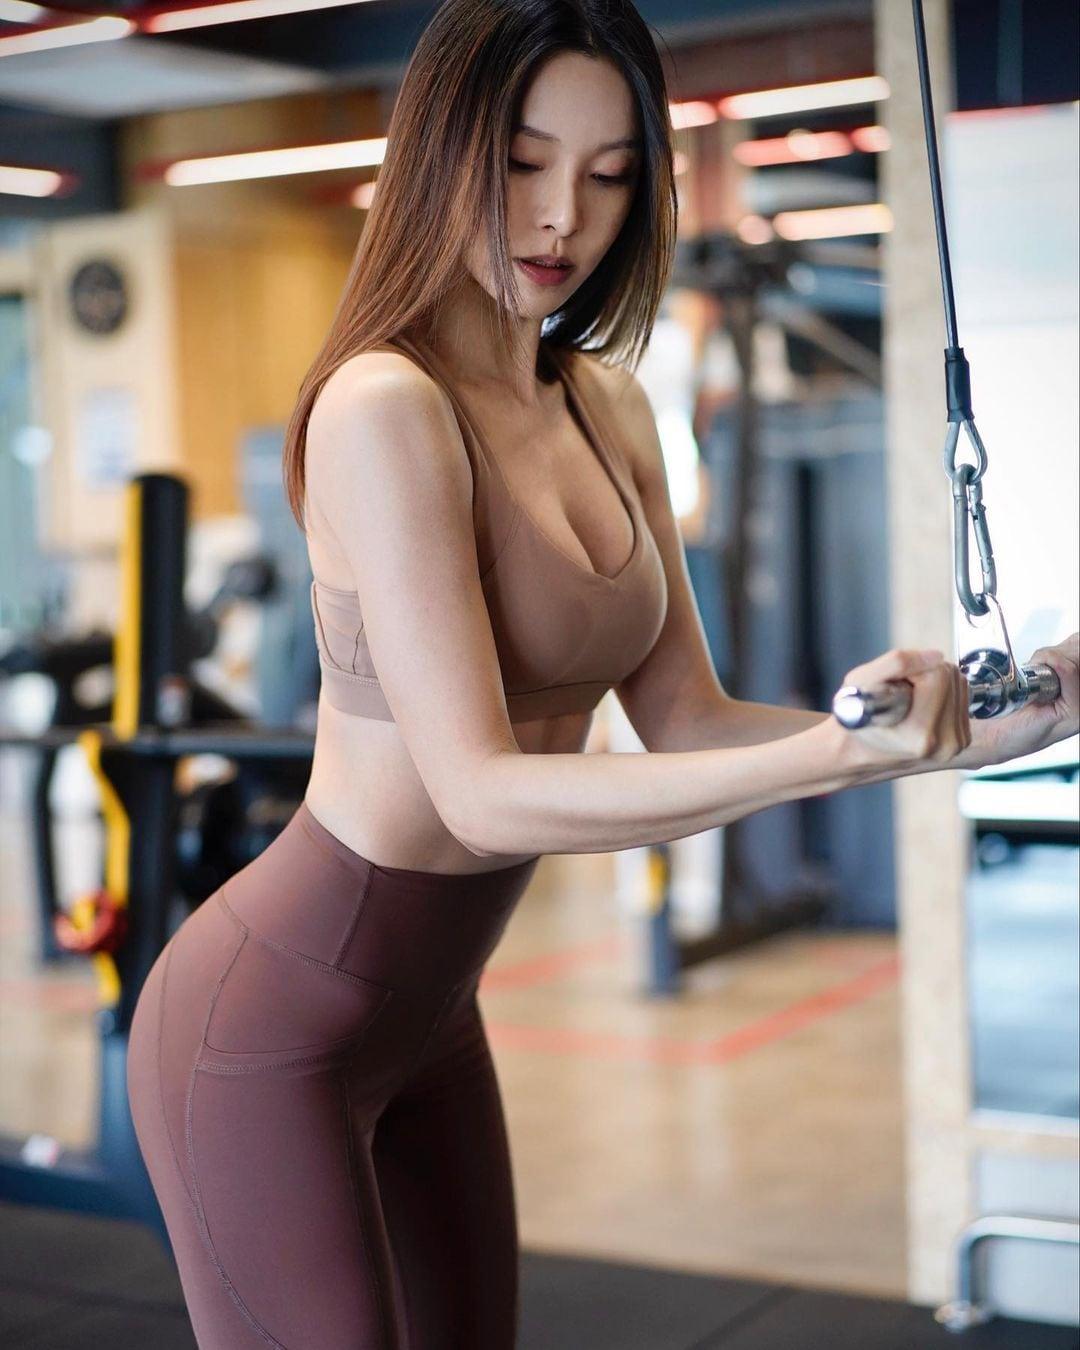 キャスリン・リー「セクシーすぎるトレーニング!」露出度高いウェアスタイルを大量投下【画像8枚】の画像008